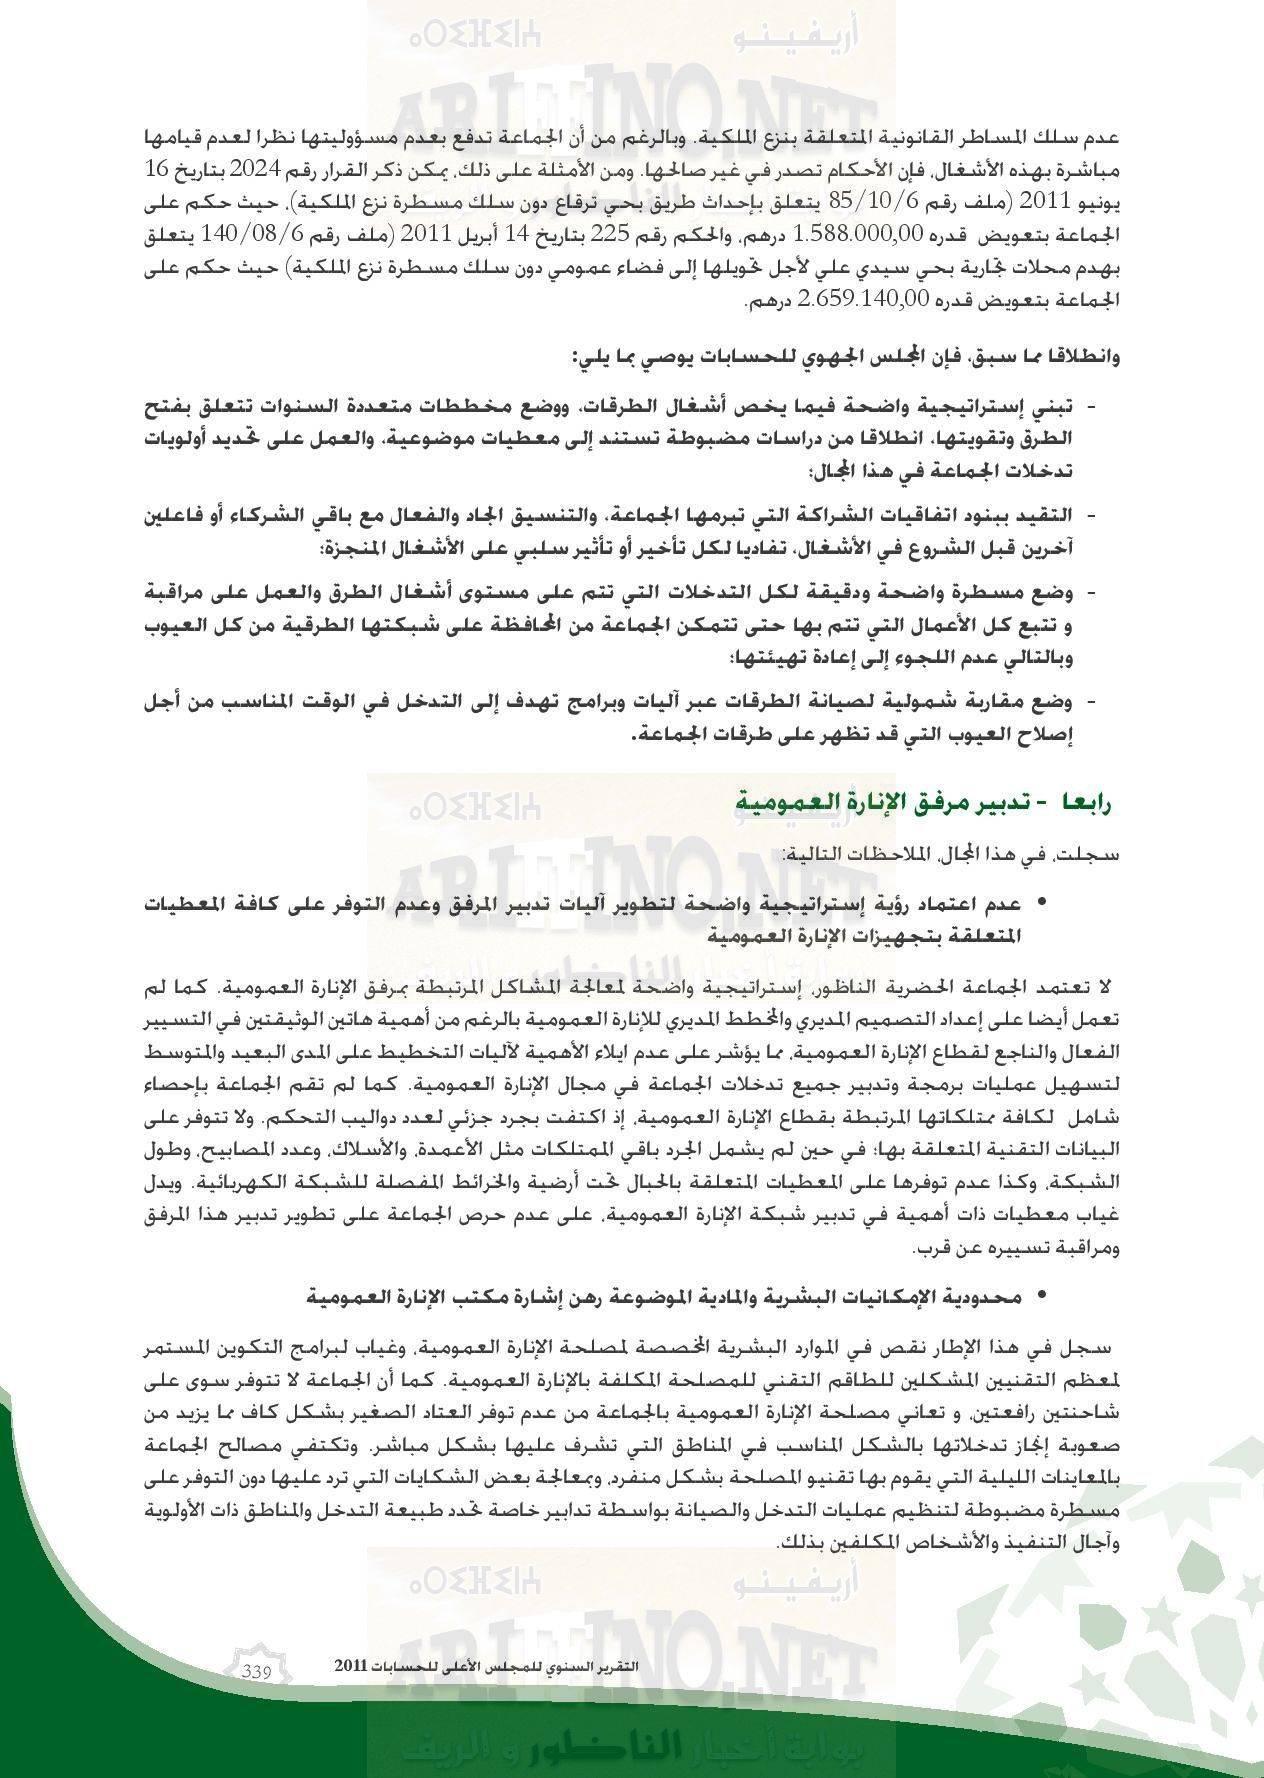 nador_0065 تقرير المجلس الاعلى للحسابات: بلدية الناظور تعيش إختلالات و عشوائية و عاجزة عن القيام بمهامها